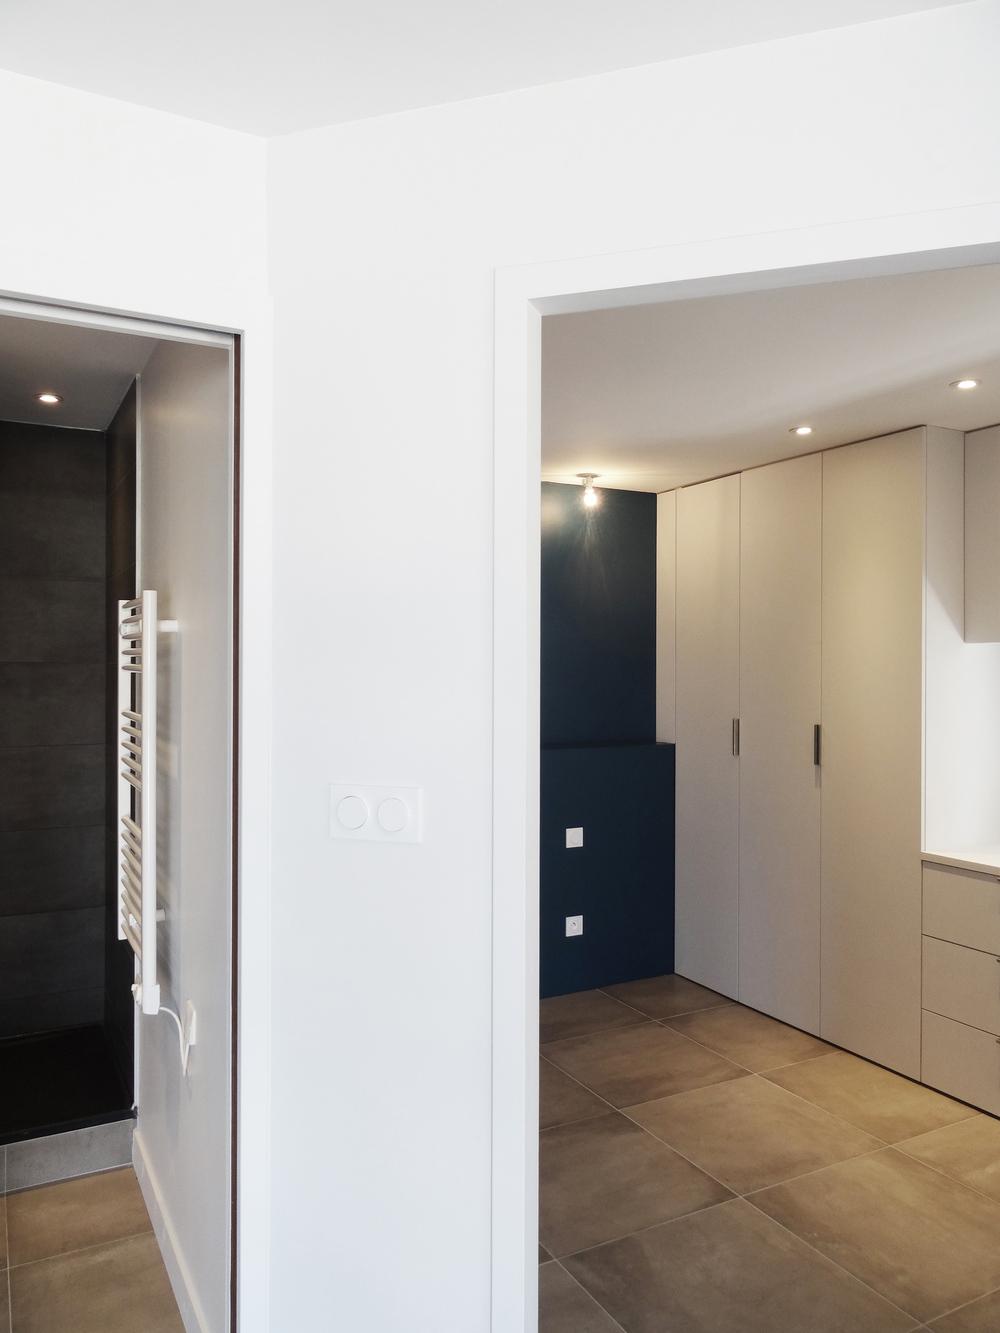 Restructuration d'un appartement en résidence secondaire - La Rochelle (17) 2016